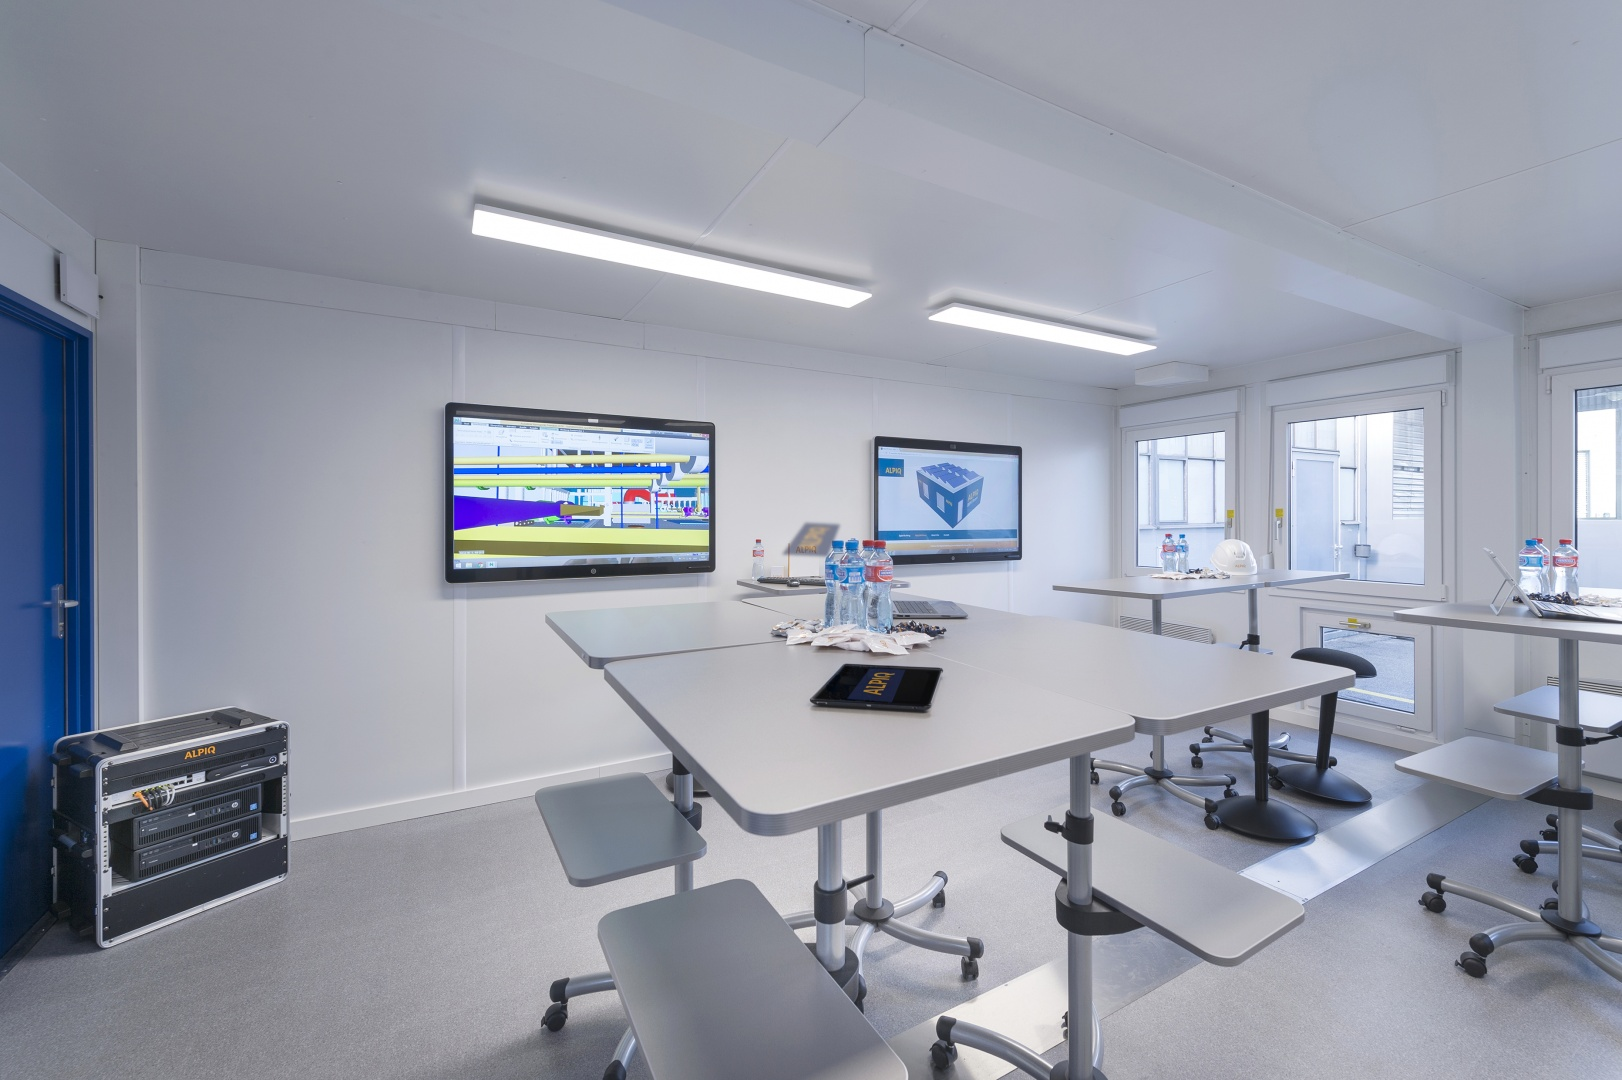 Innenansicht Alpiq BIM Room © Alpiq InTec Schweiz AG, Webereiweg 6, 4802 Strengelbach